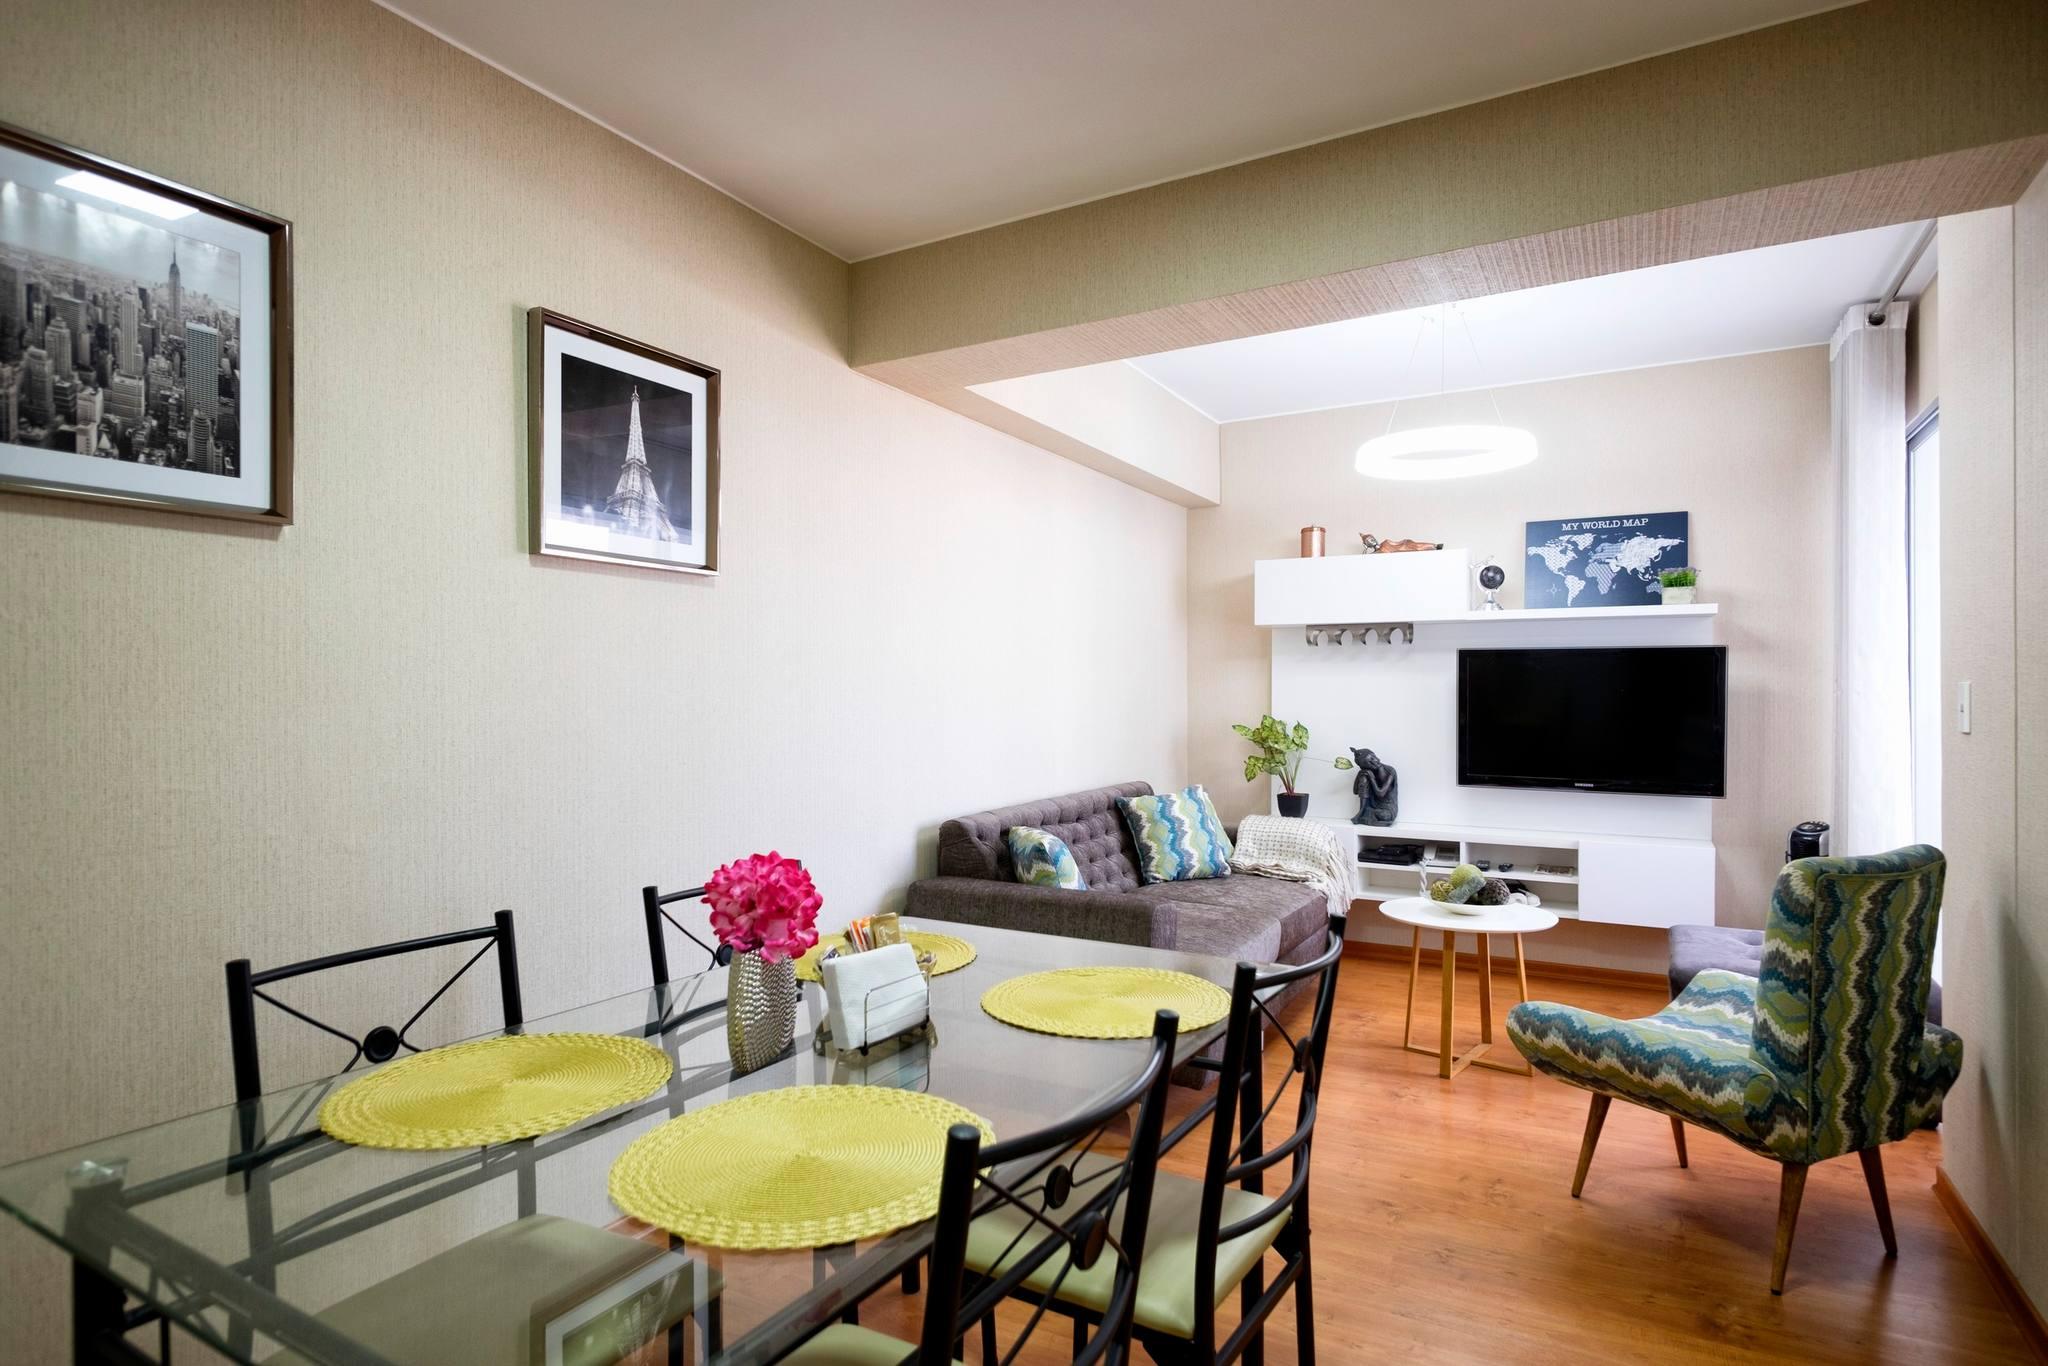 Ur Place Rentals - Brandneues 3-zimmer-haus, Swimmingpool und Fitnessstudio